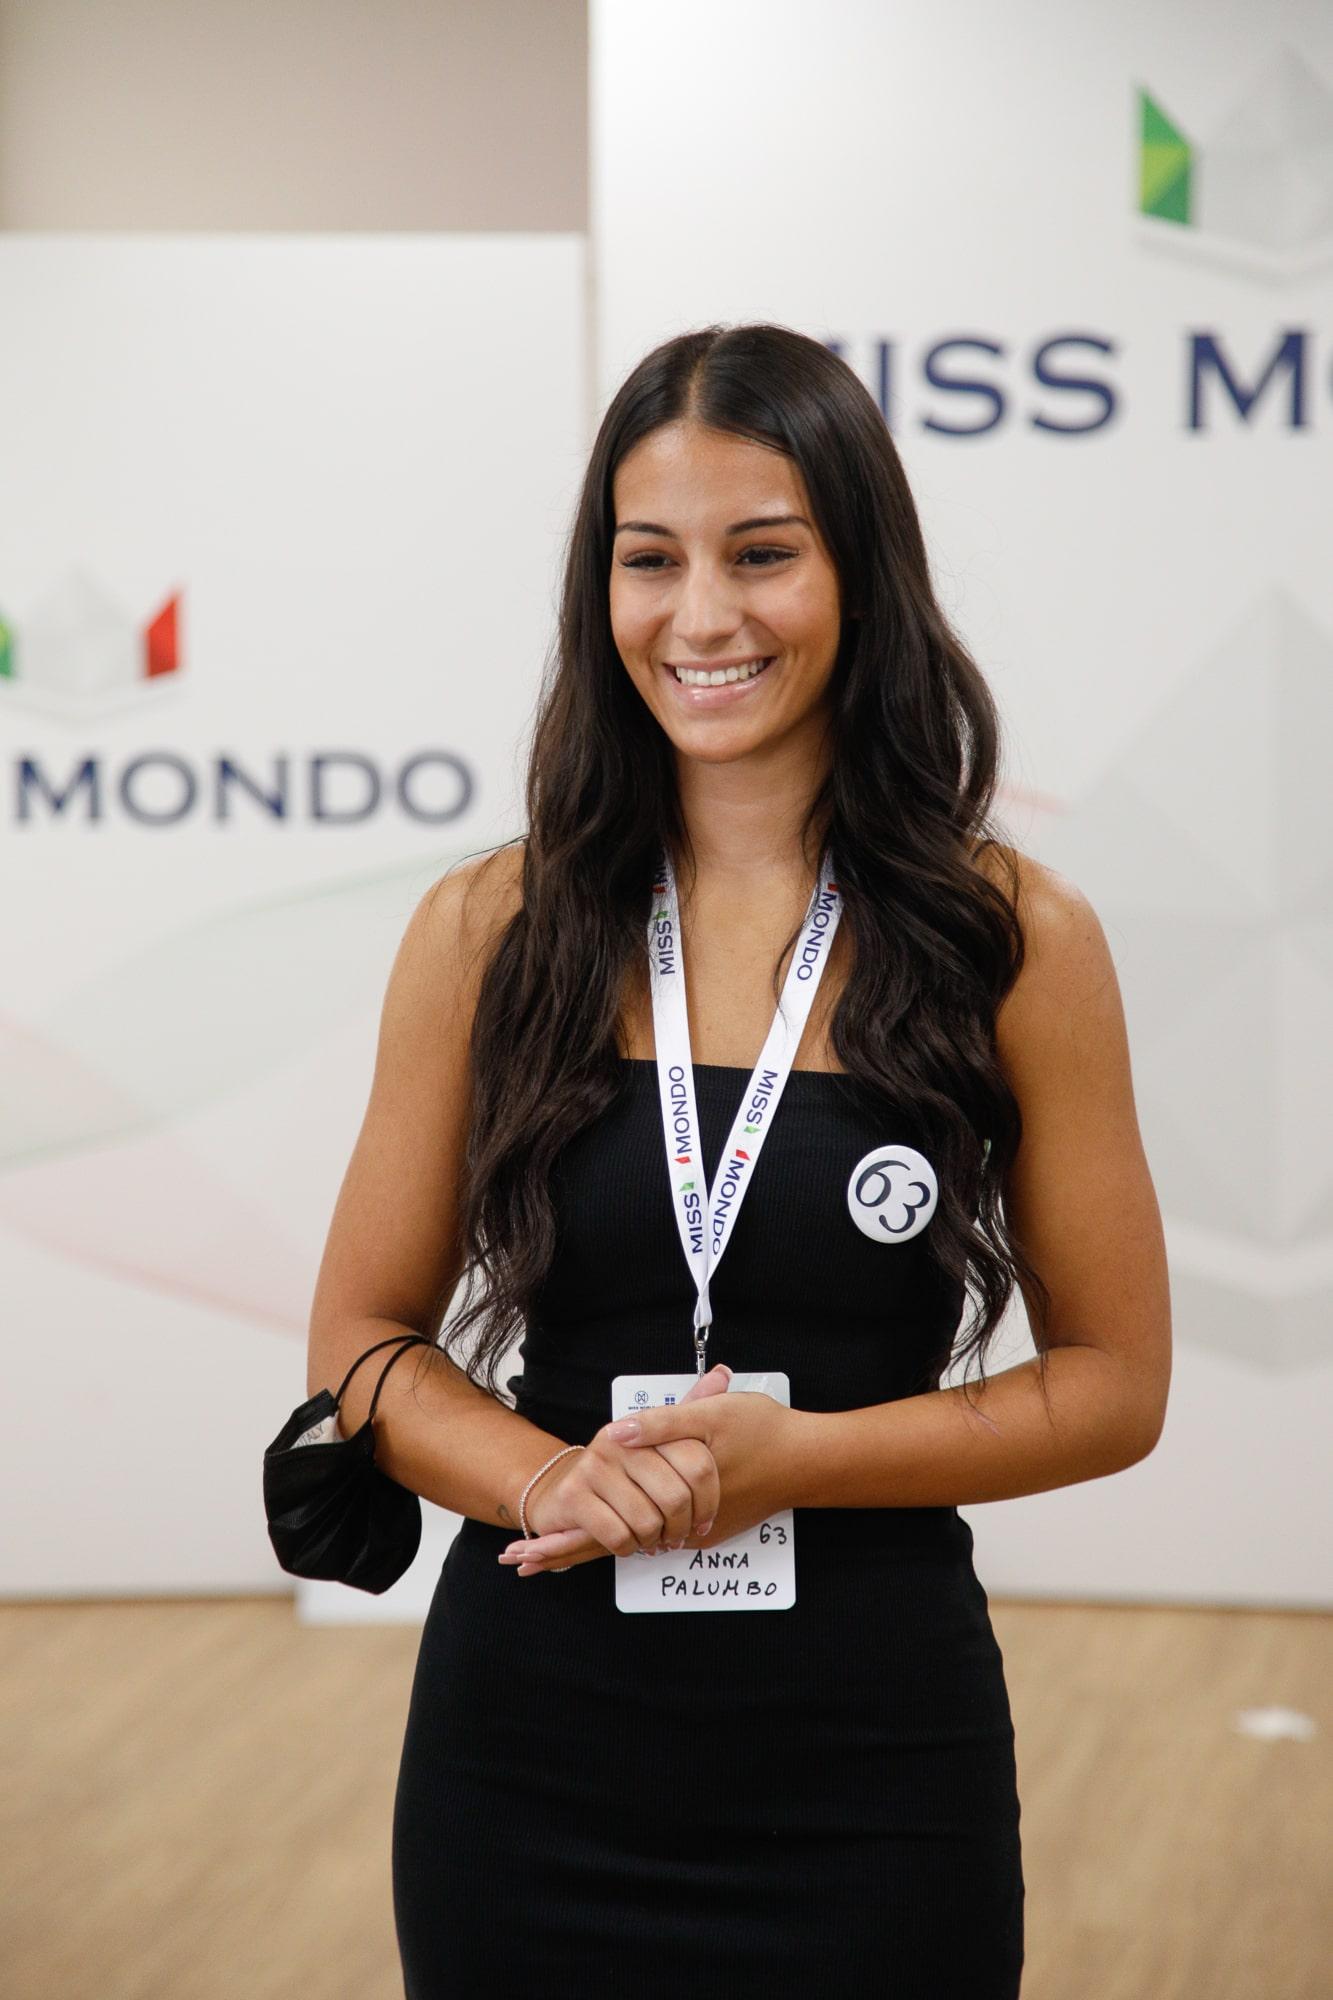 Terzo passaggio giuria per le ragazze di Missmondo Italia 2021 - 31